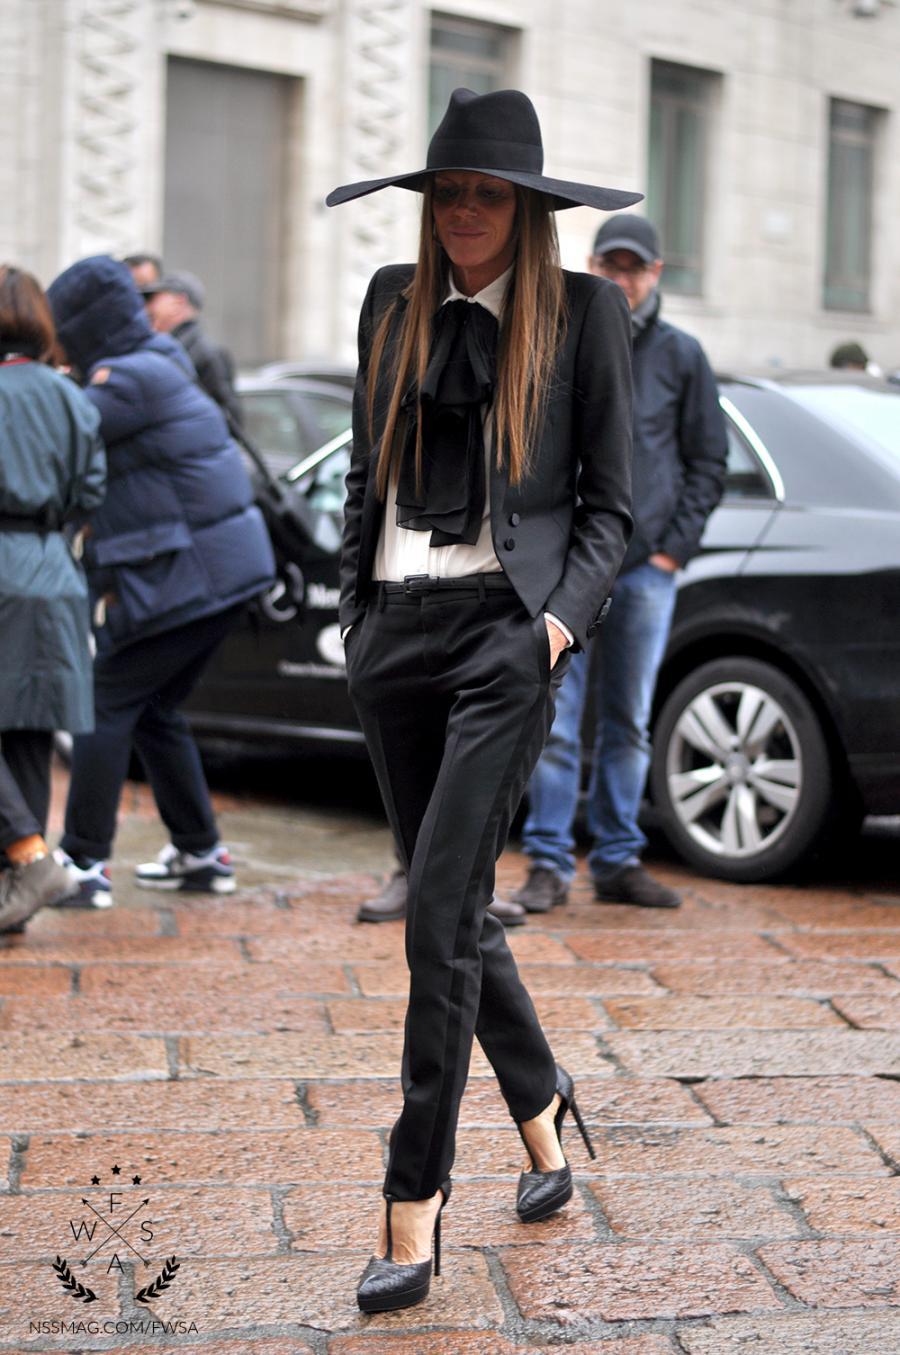 la-modella-mafia-Anna-Dello-Russo-Spring-2013-street-style-in-Saint-Laurent-2